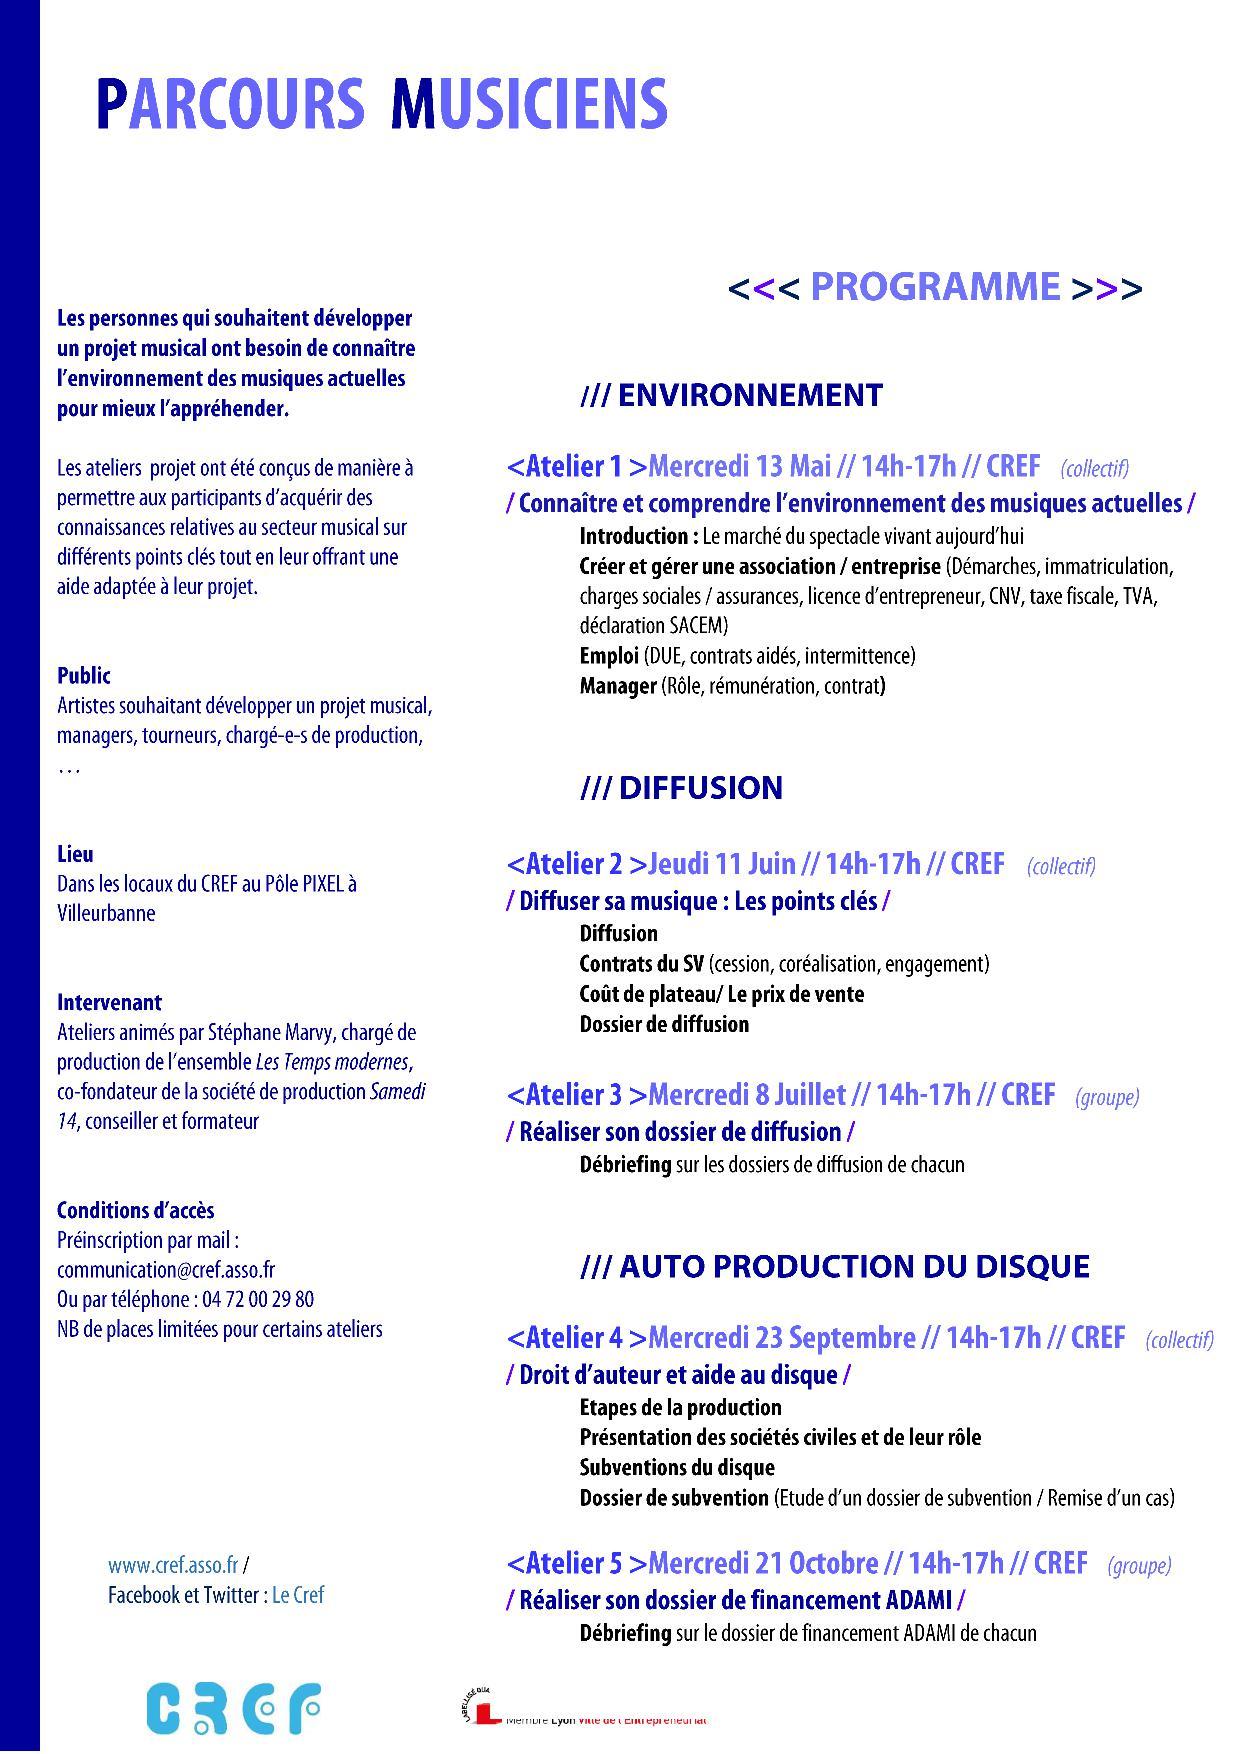 Programme-parcours-musiciens